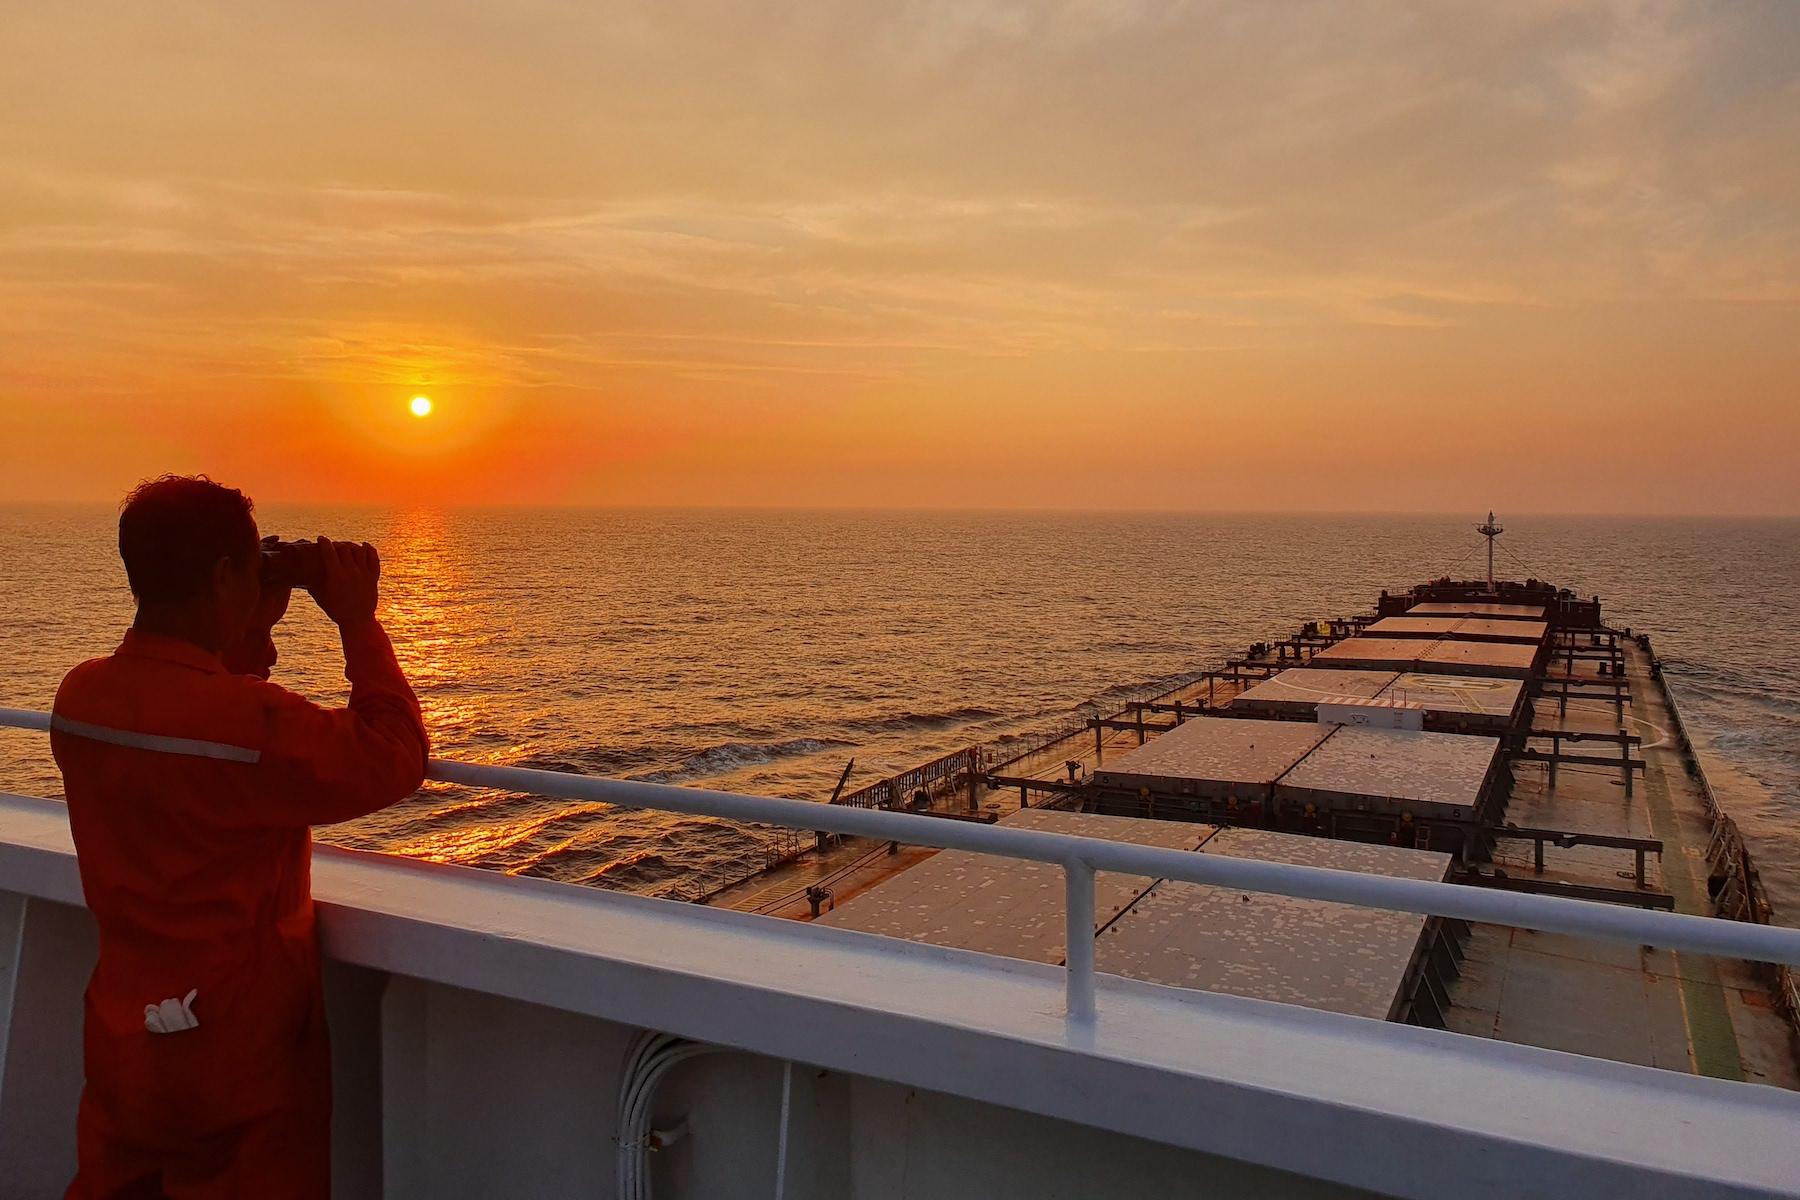 <p>Estoy en camino. La pandemia se ha extendido por Indonesia. Aunque me preocupo por mi familia, los amo. Si pudiera volver atrás...</p> <p>Fecha de la foto: 31 de marzo de 2020</p> <p>Ubicación de la foto:N/A</p> <p>Nombre del buque: F.OCEAN.</p> <p>Nombre del marinero: Taehwan Kim.</p>